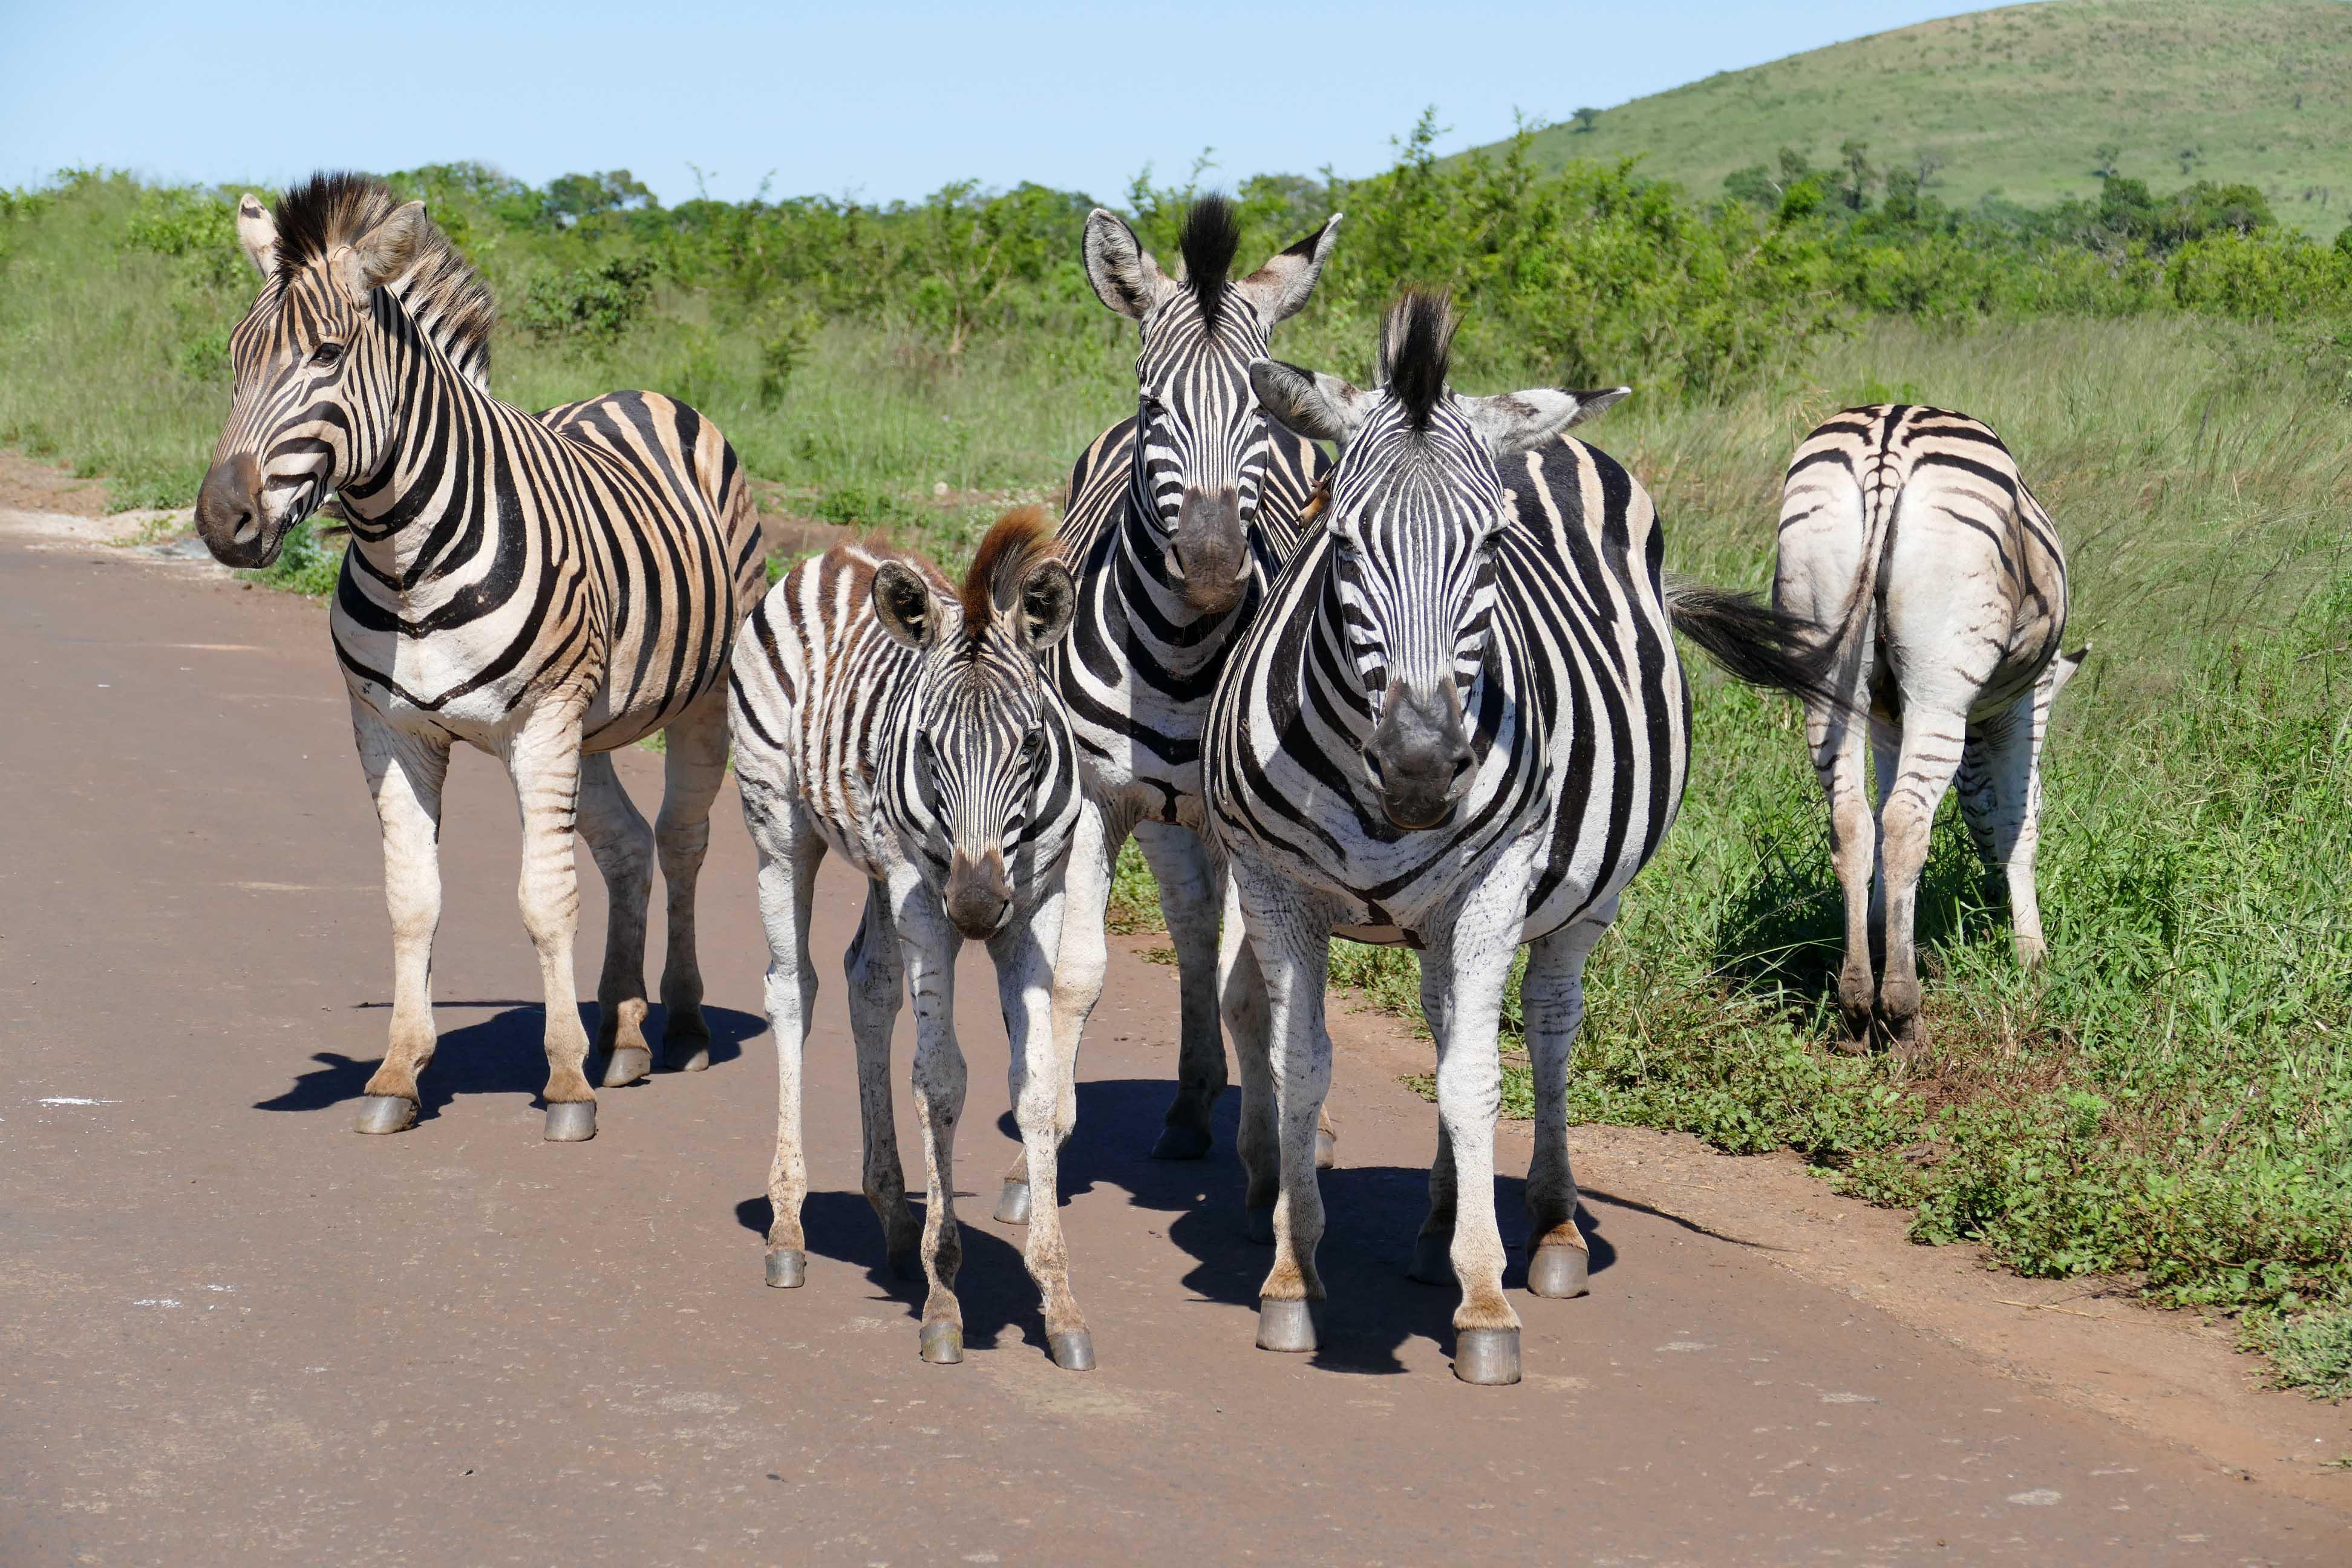 A la rencontre des animaux sauvages en Afrique du Sud